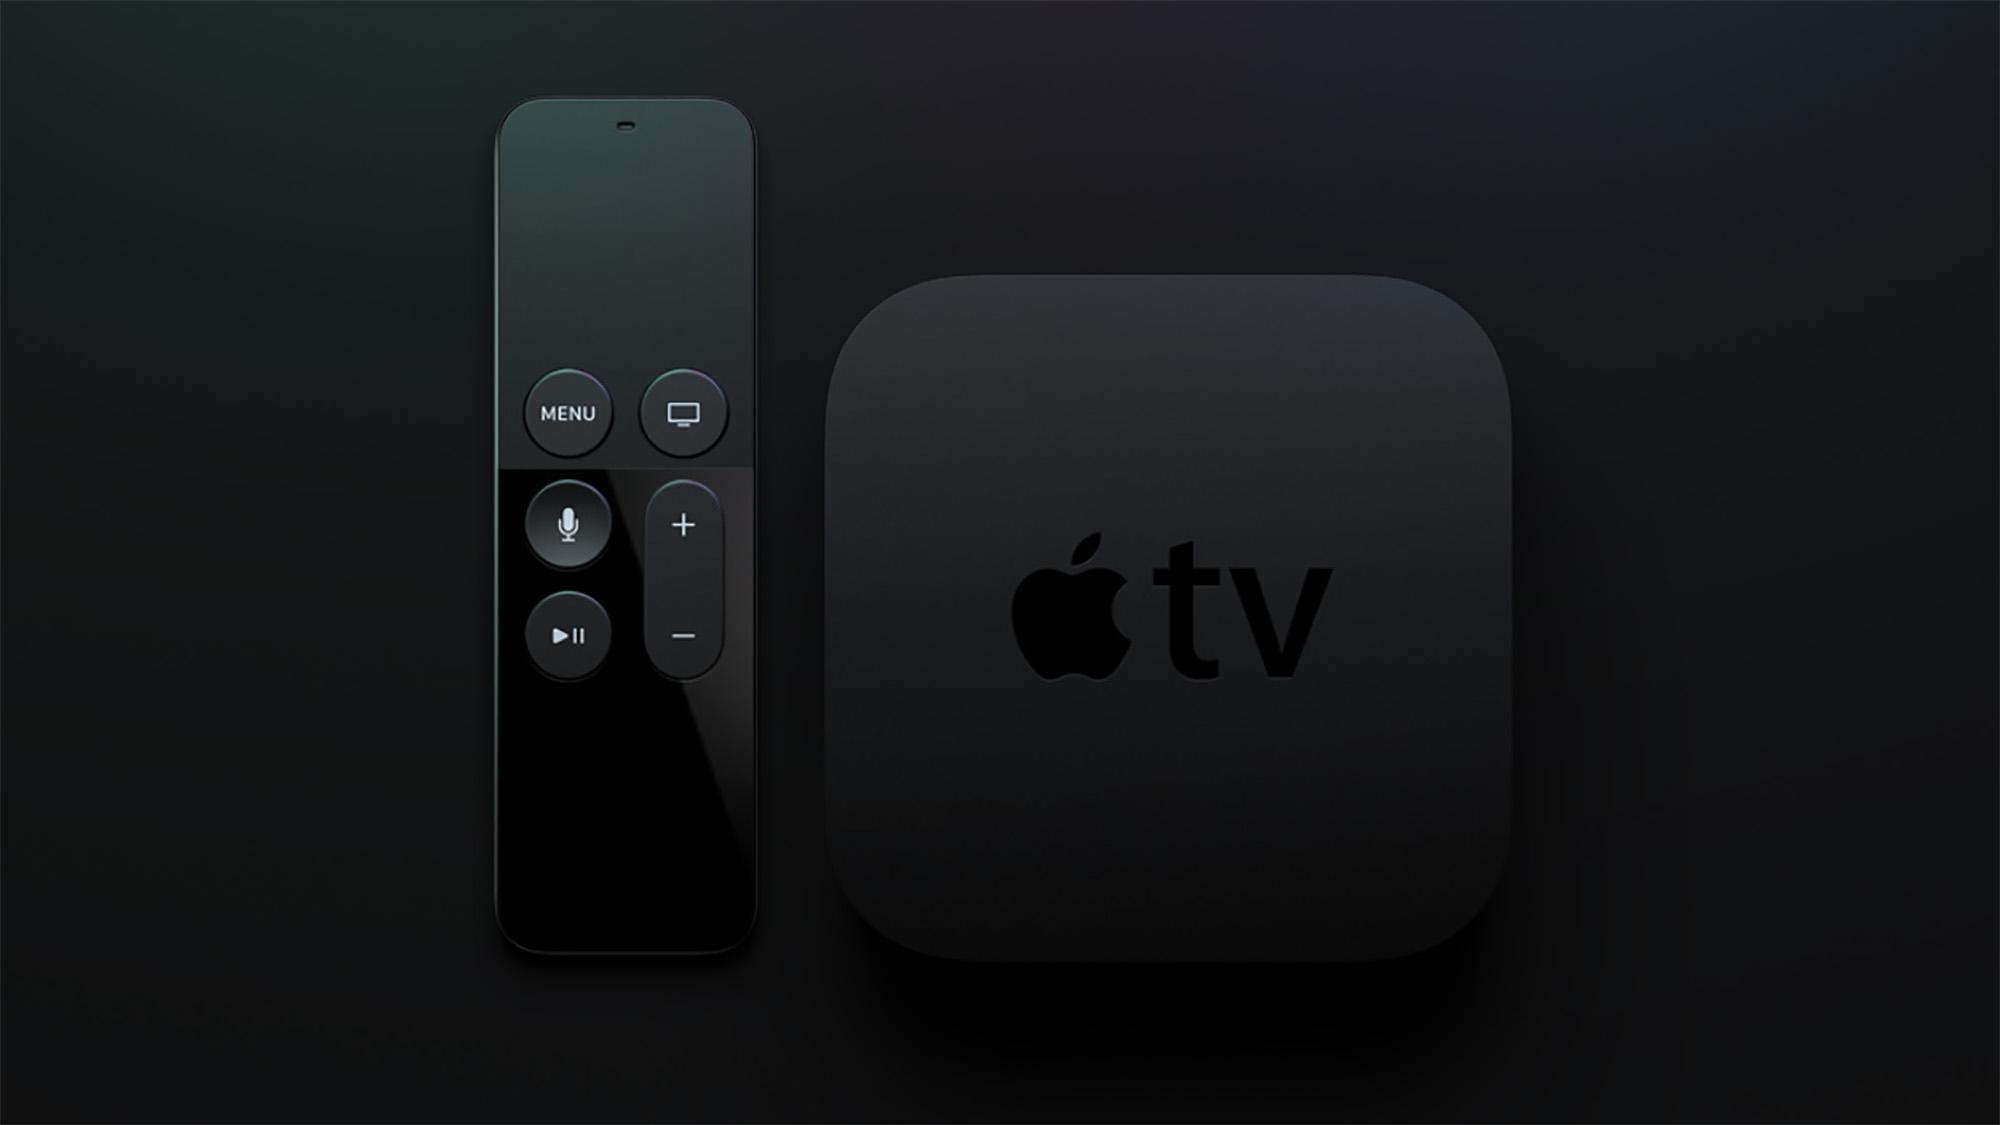 آیفون 2017: اپل تی وی 4K با پشتیبانی از وضوح الترا اچ دی و HDR معرفی شد